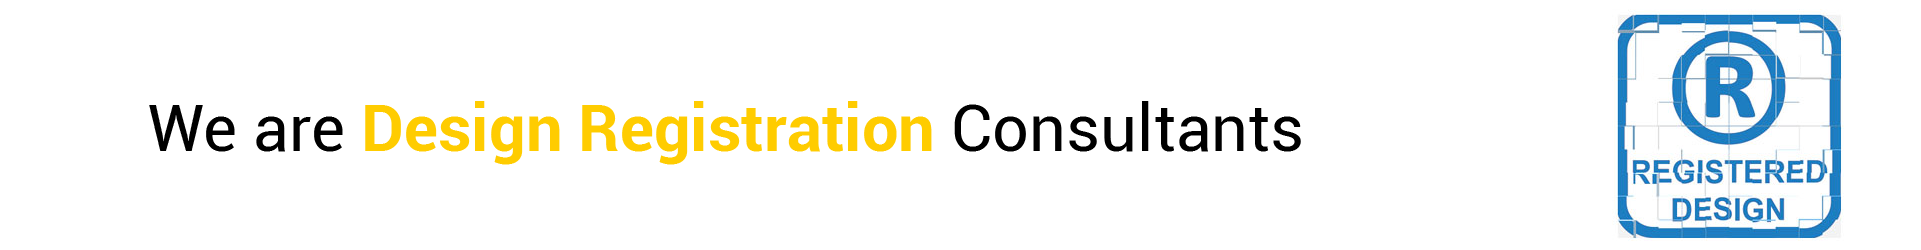 Design Registration Consultants